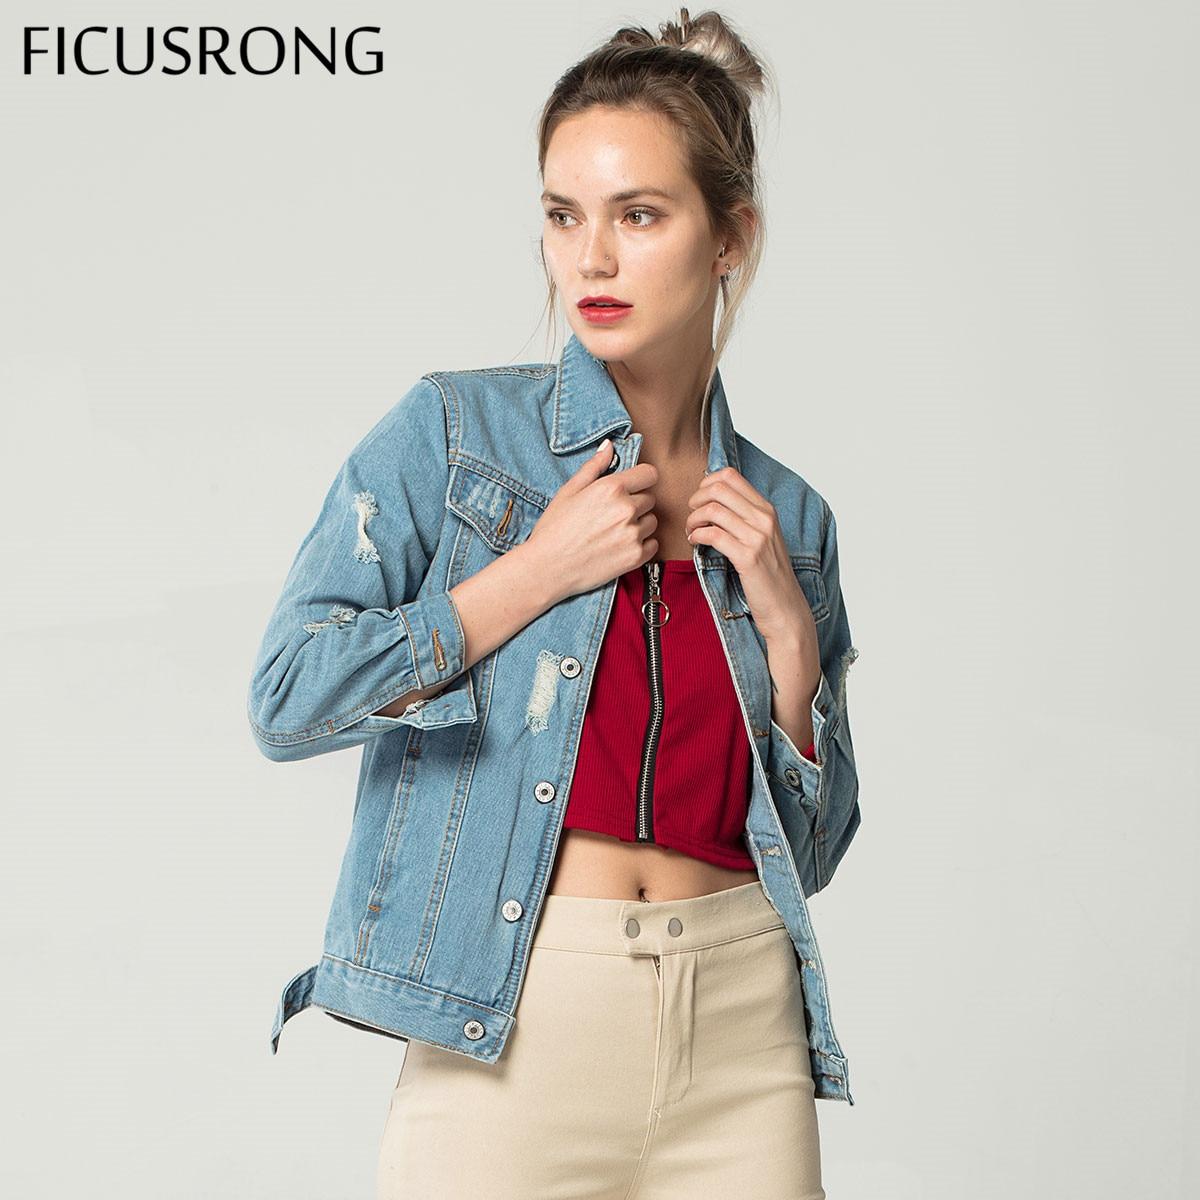 2019 New Women Hole Frayed Vintage Denim Jacket Coat For Female Jeans Denim Coat Girl's Bomber Jacket Basic Coat FICUSRONG